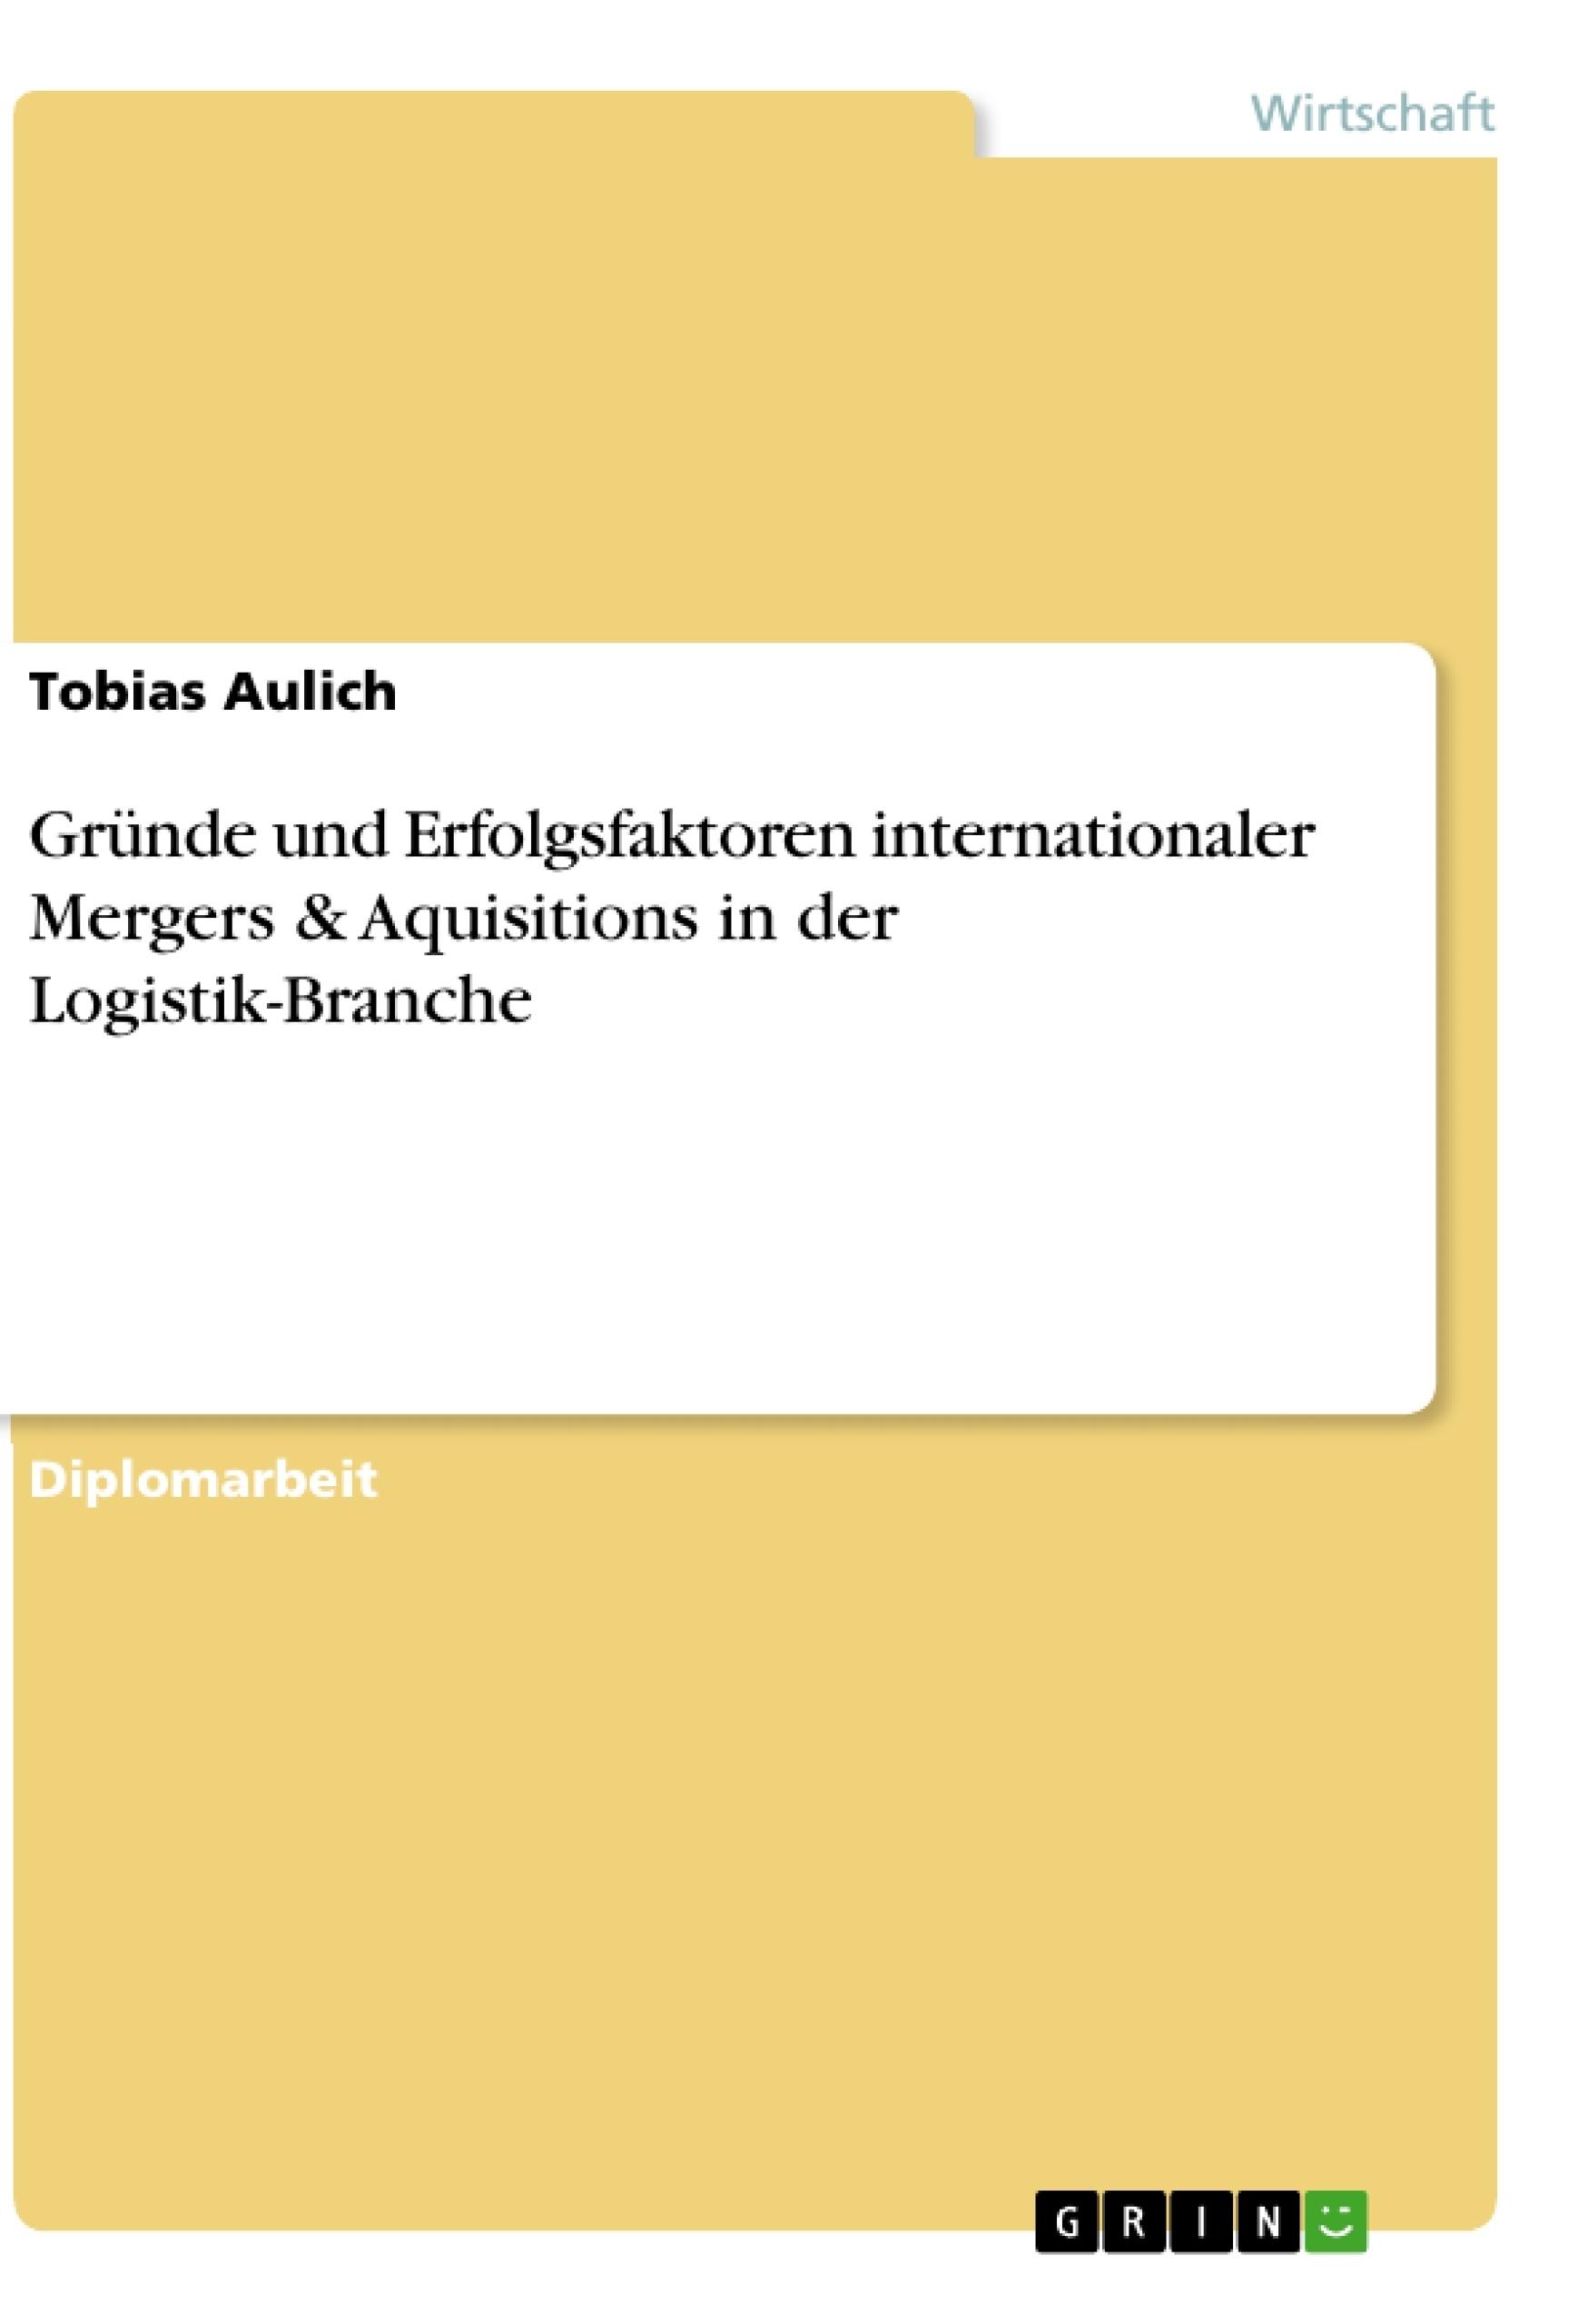 Titel: Gründe und Erfolgsfaktoren internationaler Mergers & Aquisitions in der Logistik-Branche